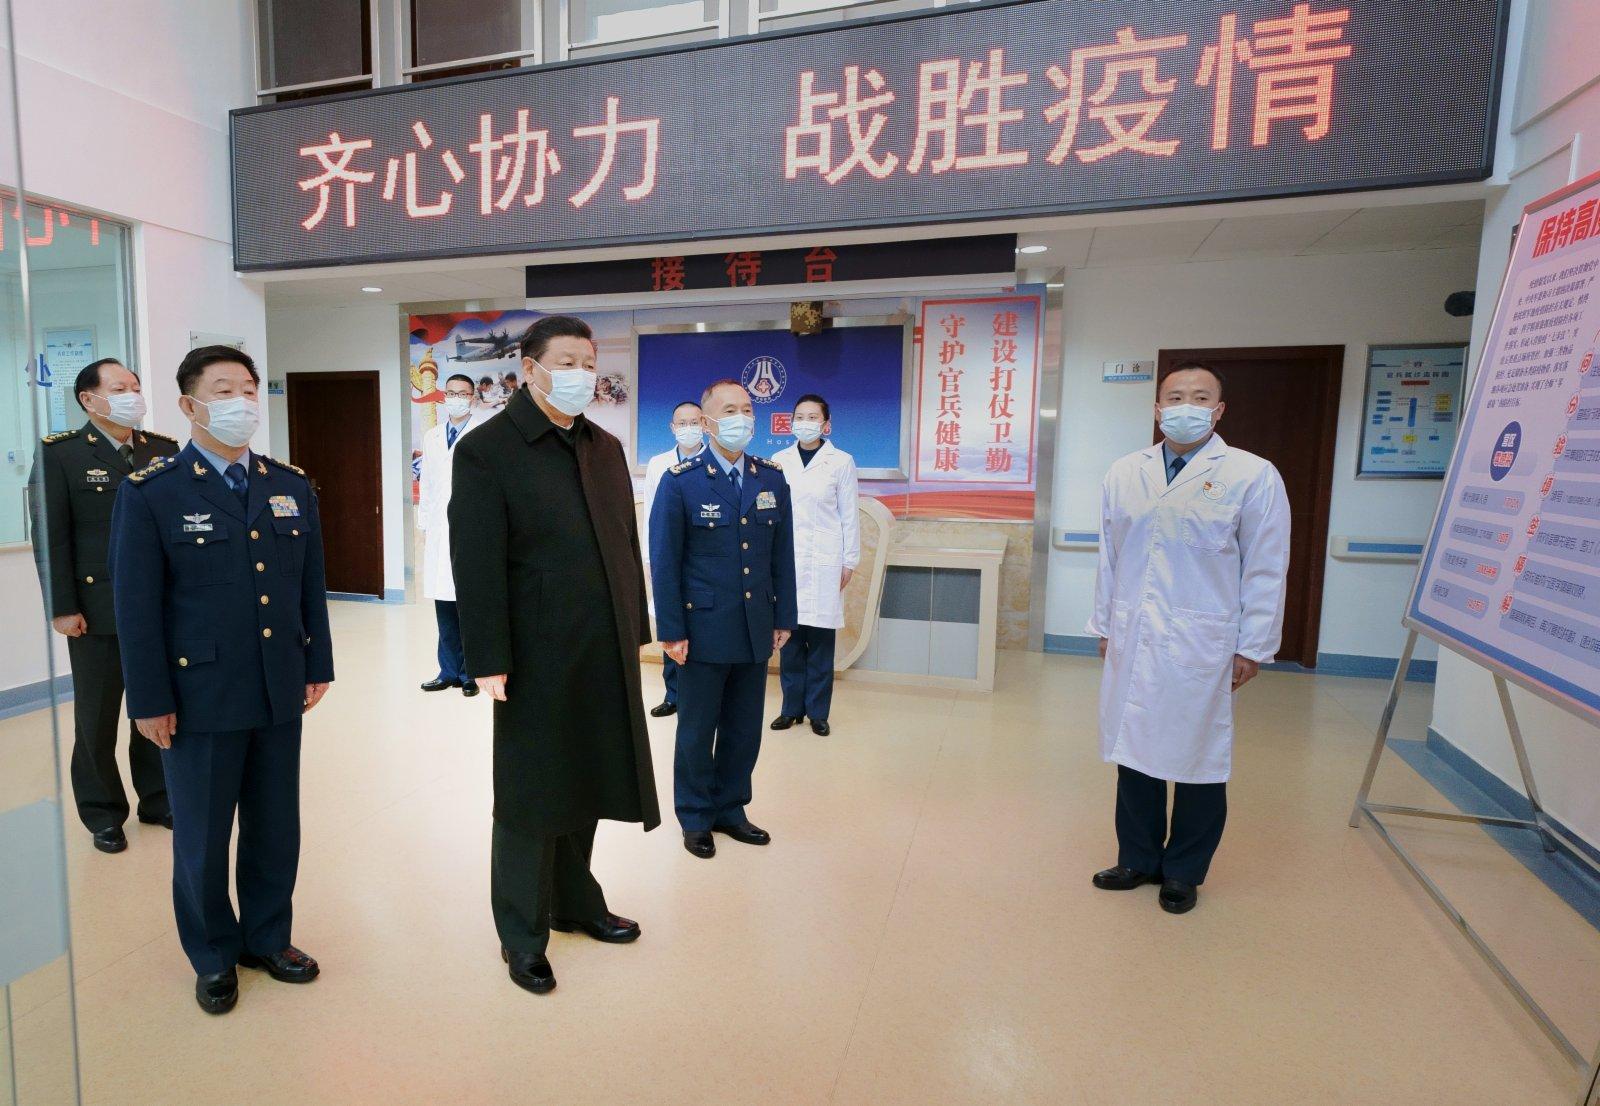 這是習近平到場站醫院了解部隊疫情防控和支援地方防疫情況。(新華社)